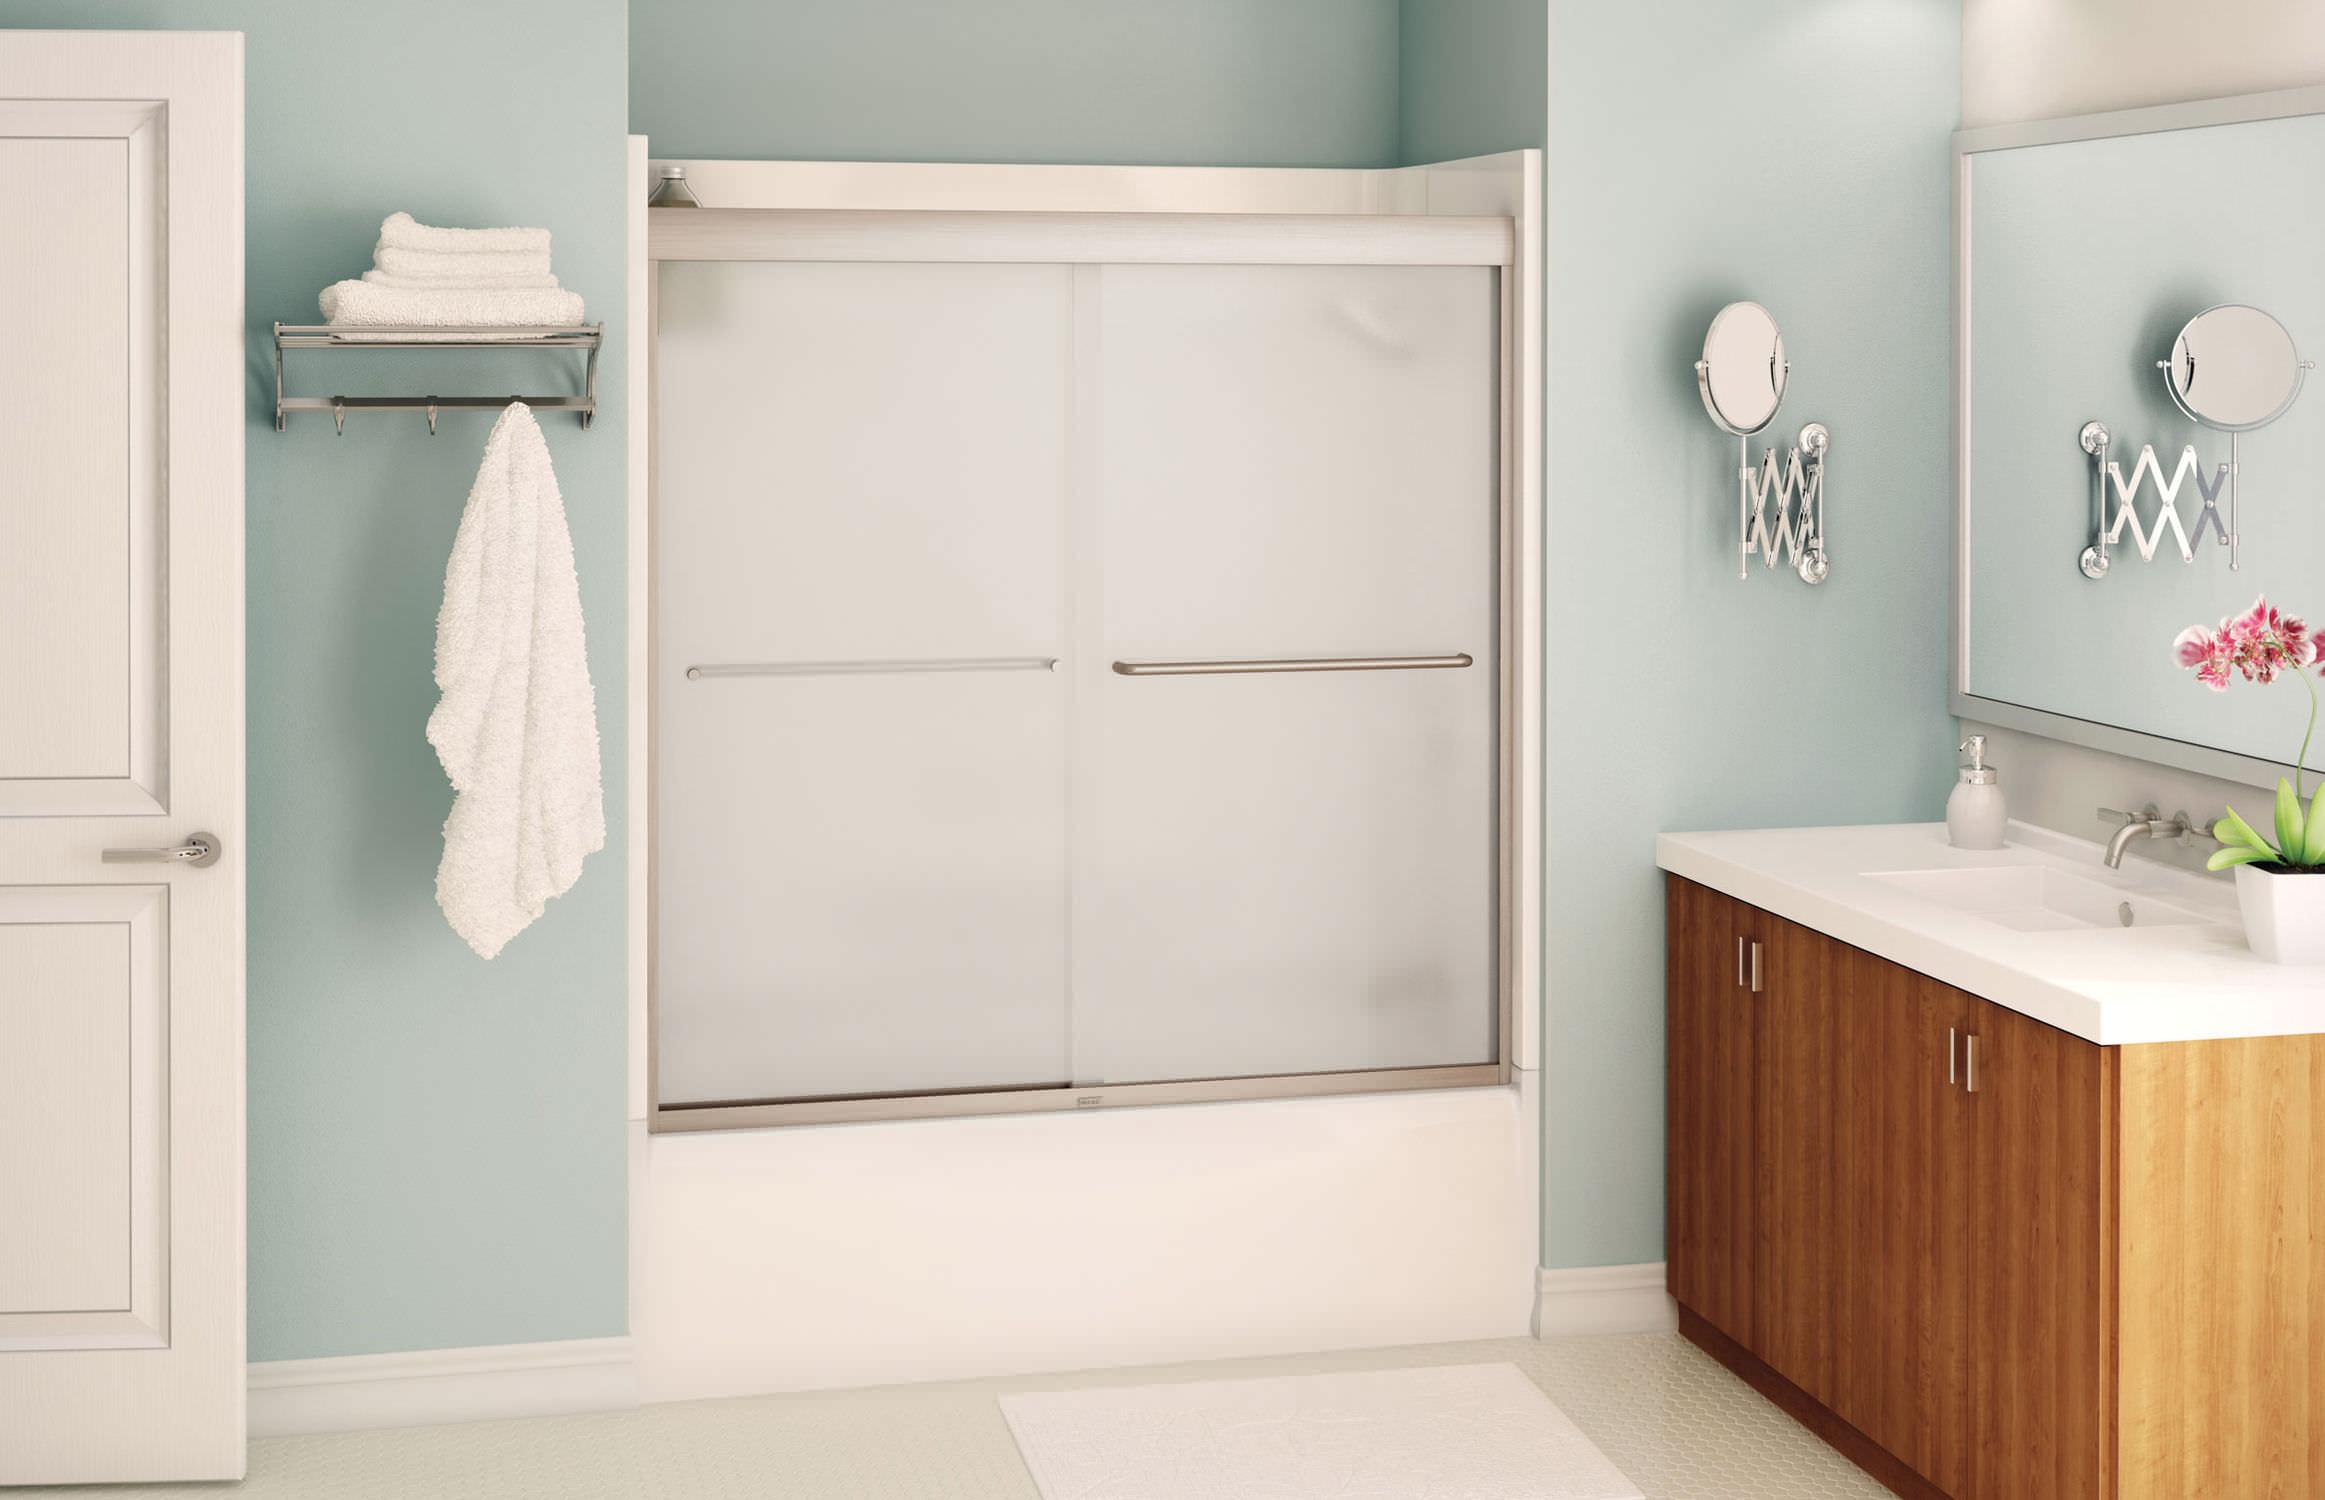 sliding bath screen aura maax bathroom videos sliding bath screen aura maax bathroom